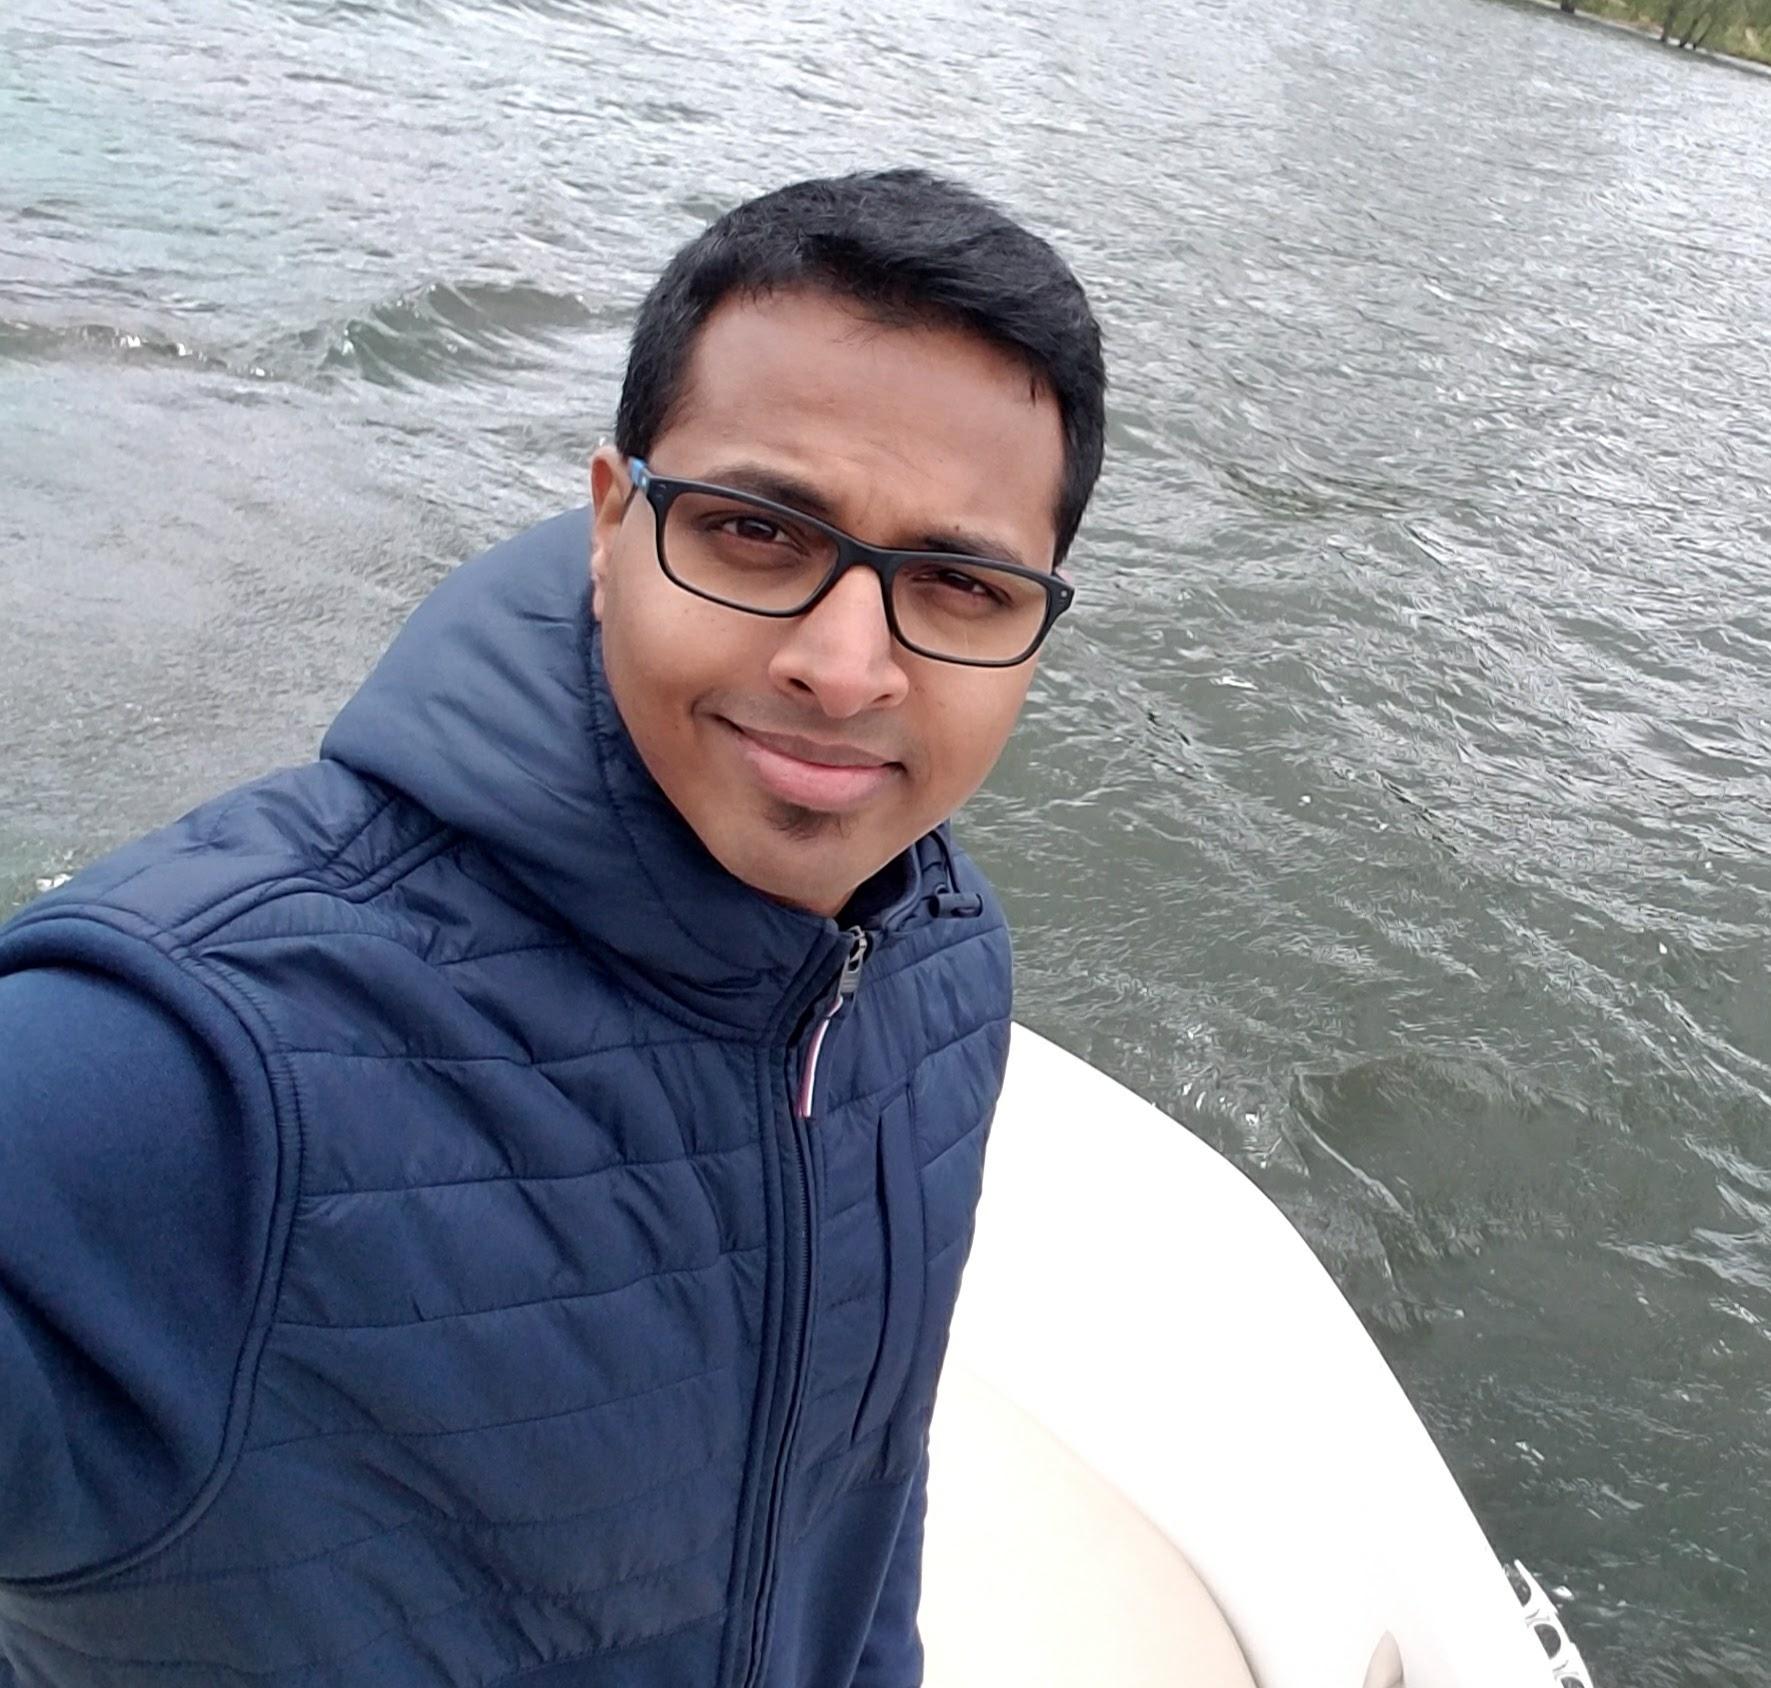 Sathiyan Baskaran